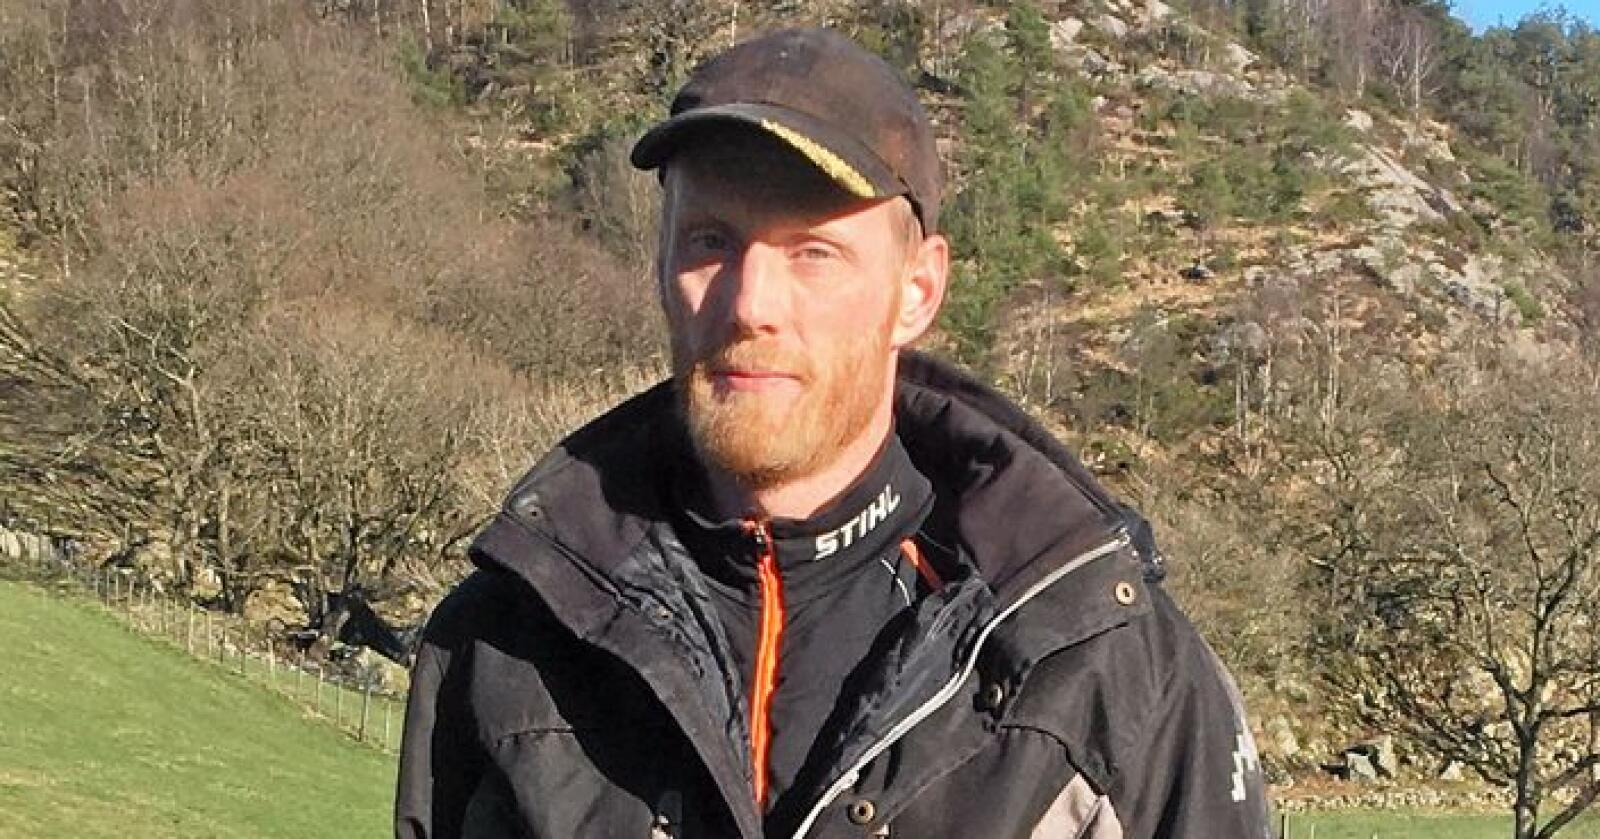 Sven Martin Håland fra Jæren er en av fem bønder som står bak bondeopprøret, som nå har samlet nærmere 25.000 underskrifter. Foto: Privat